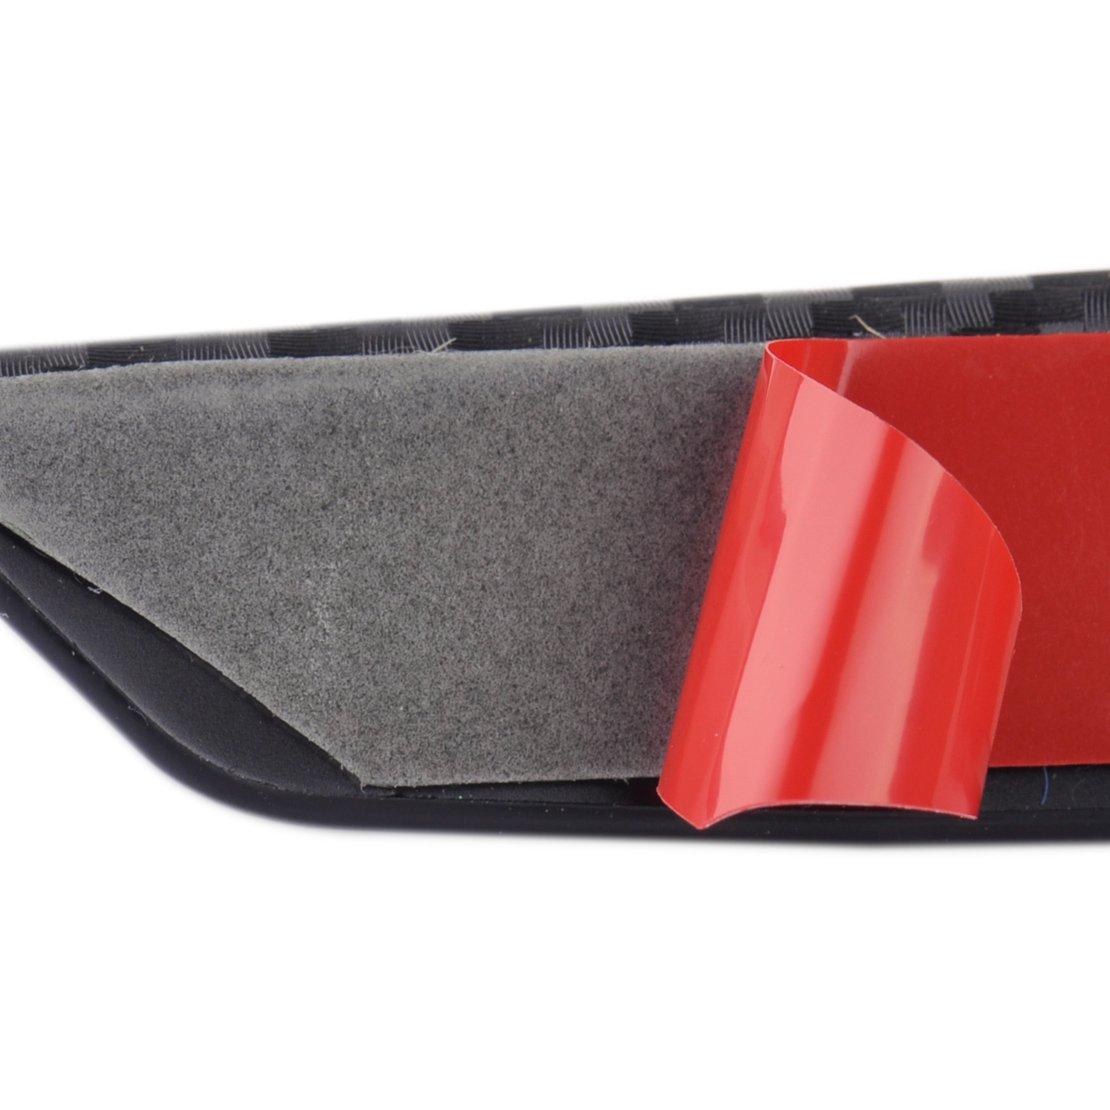 beler 4 pezzi 13,2 centimetri in fibra di carbonio texture auto paraurti anteriore protettore corpo spoiler Pinne Lip Canards Splitter